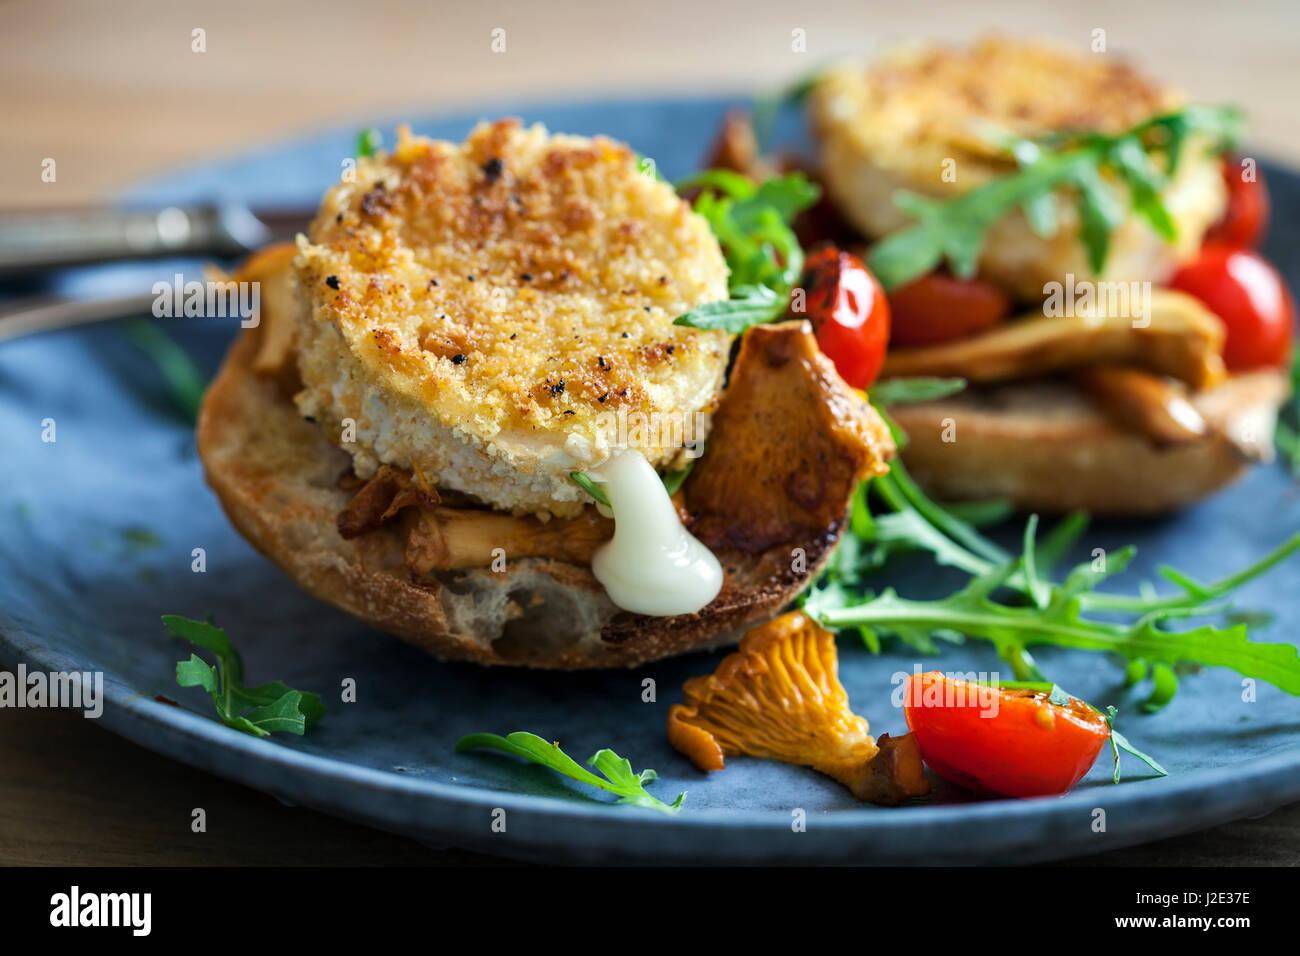 Fromage de chèvre au four sur pain au levain avec tomates cerises et chanterelles Photo Stock